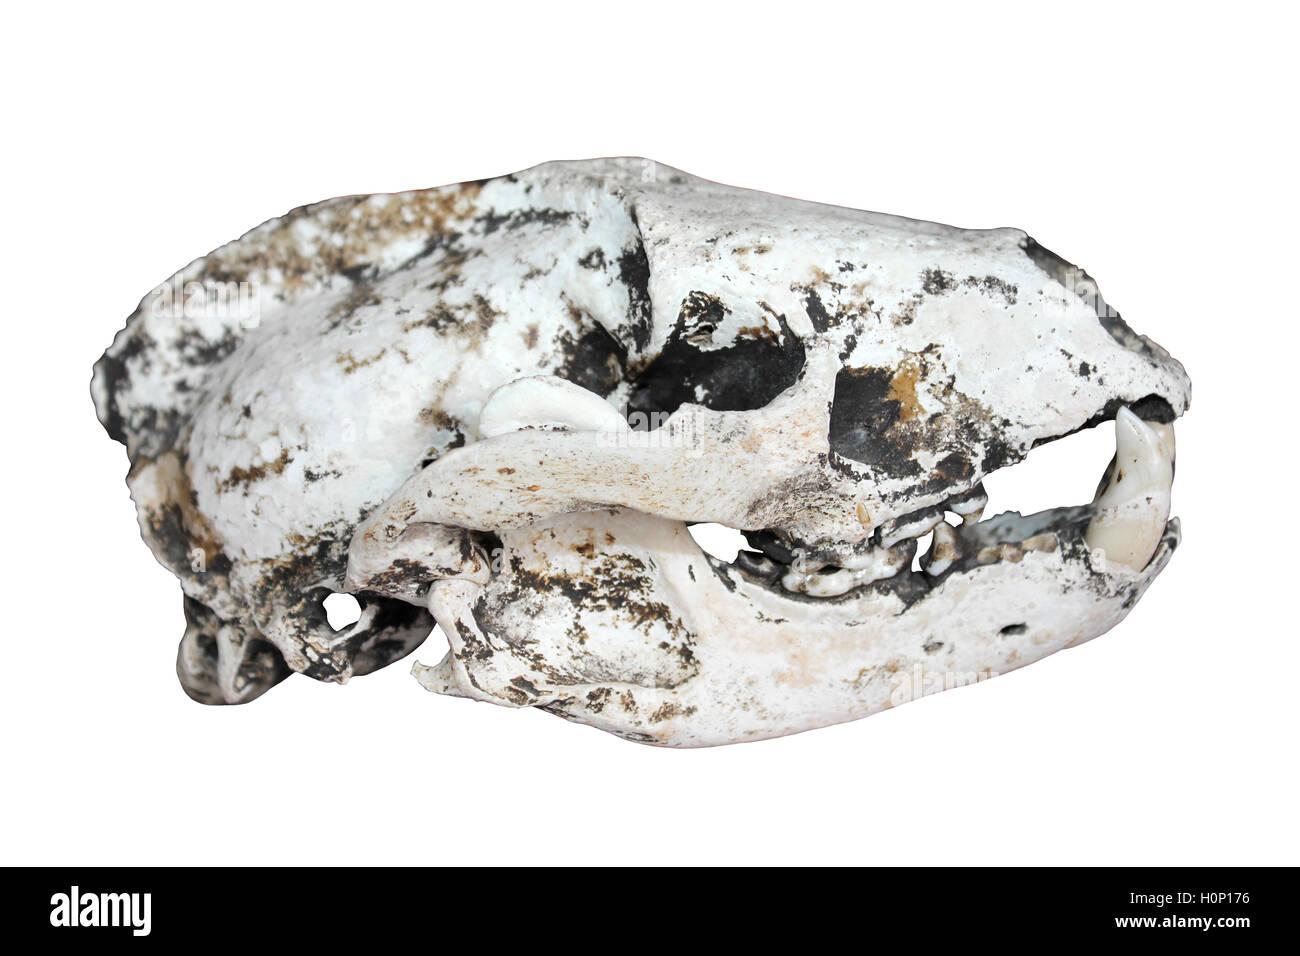 European Badger Skull Meles meles Side View - Stock Image